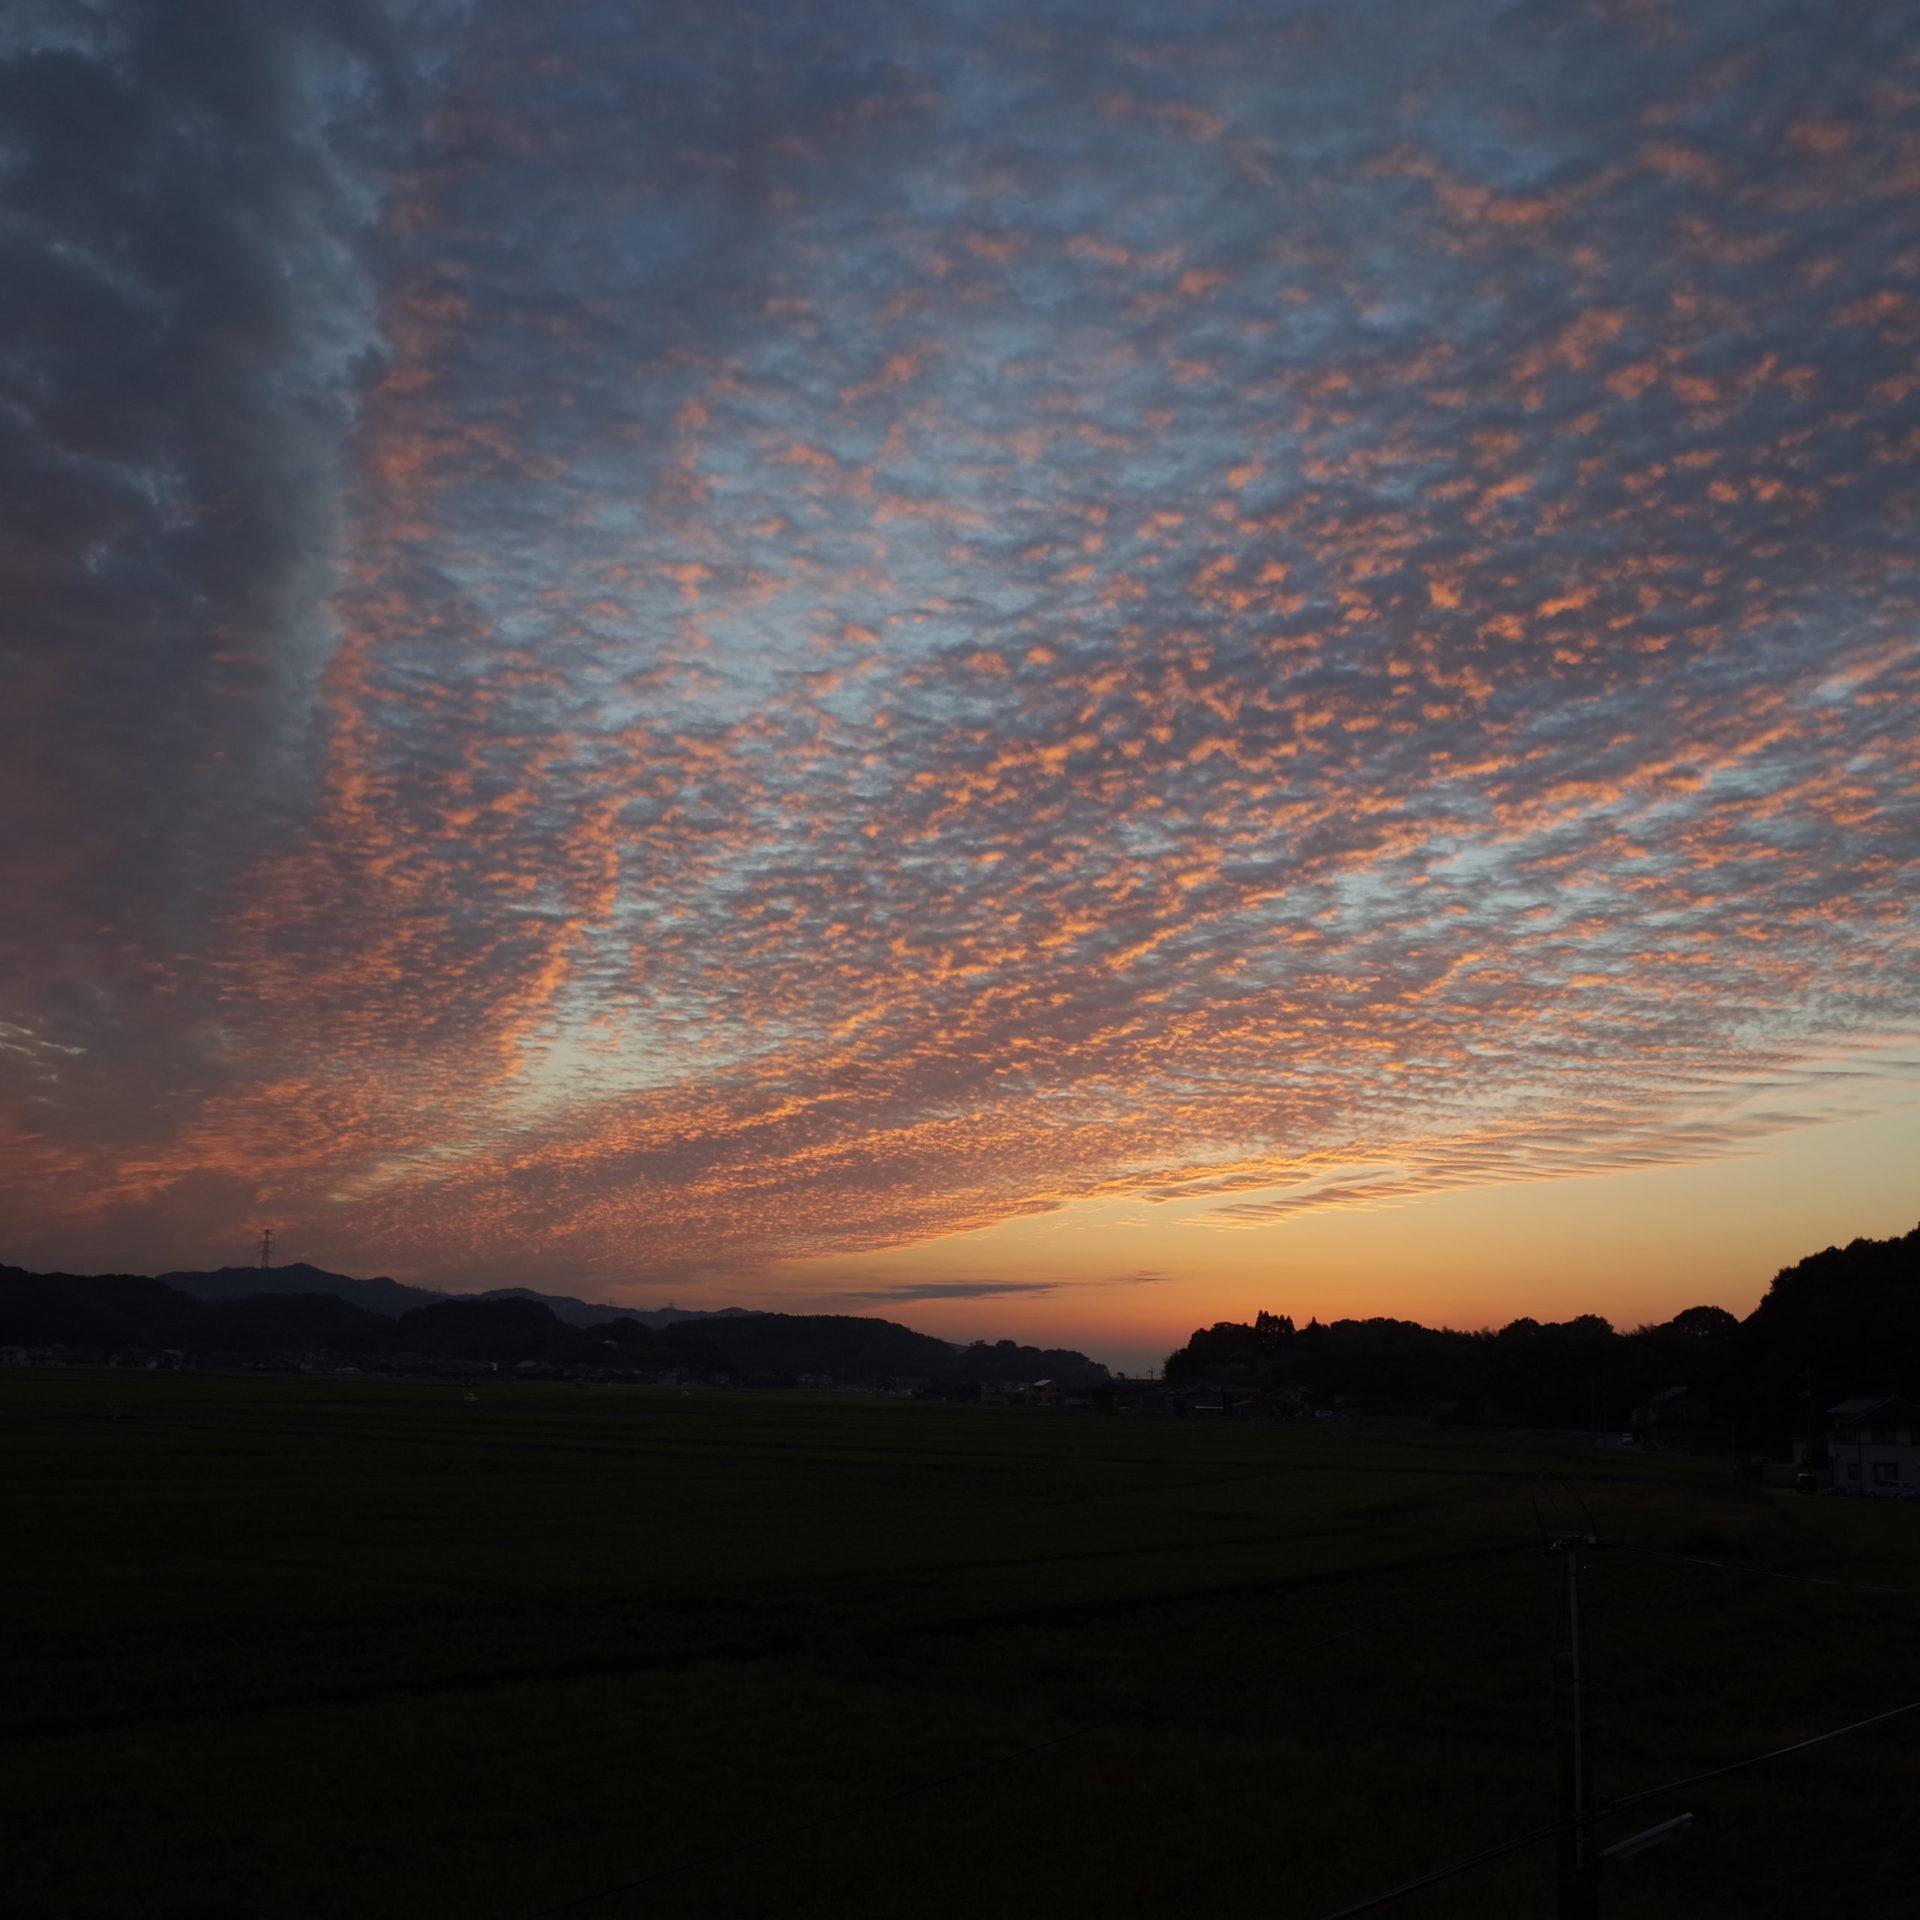 秋、秋の空、鱗雲、うろこ雲、夕日、夕陽、日の入り